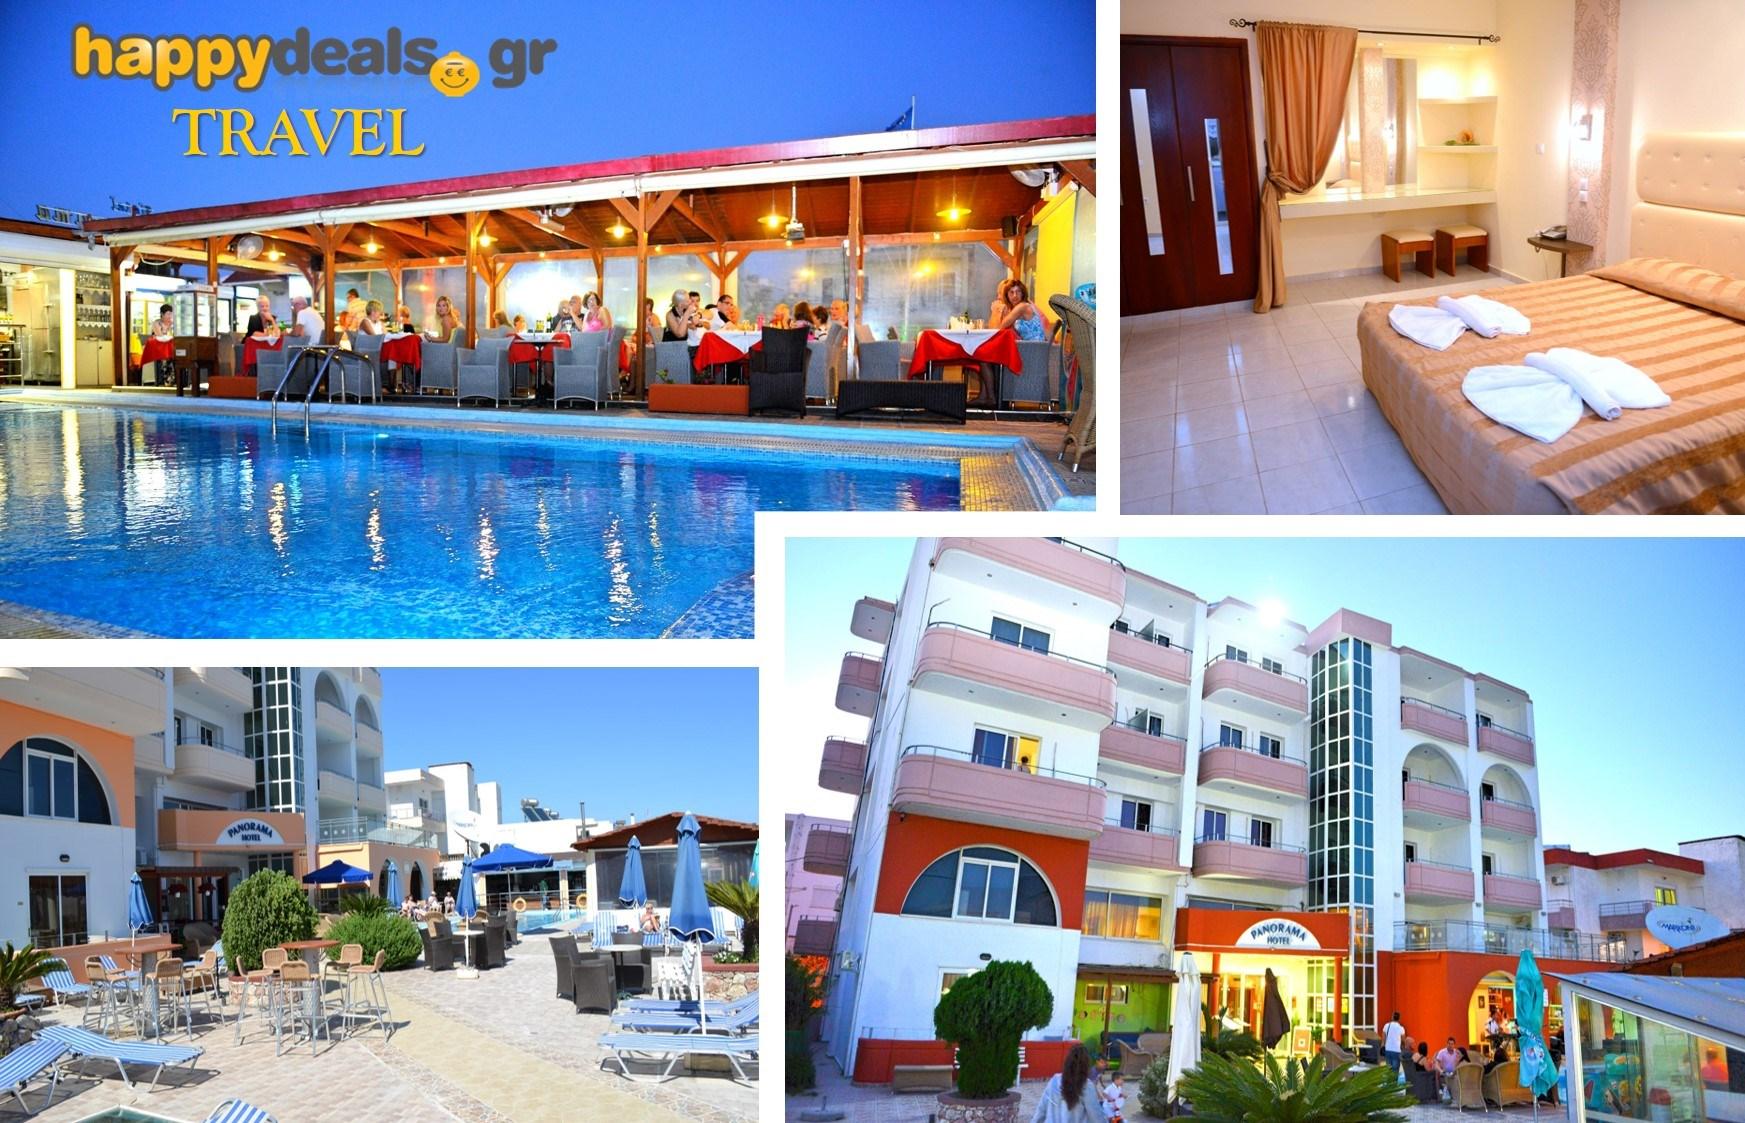 Διακοπές στη ΡΟΔΟ: Από 45€ για 5ήμερη απόδραση στα υπέροχα δωμάτια του συγκροτήματος ''Hotel Panorama'' στο κέντρο εικόνα